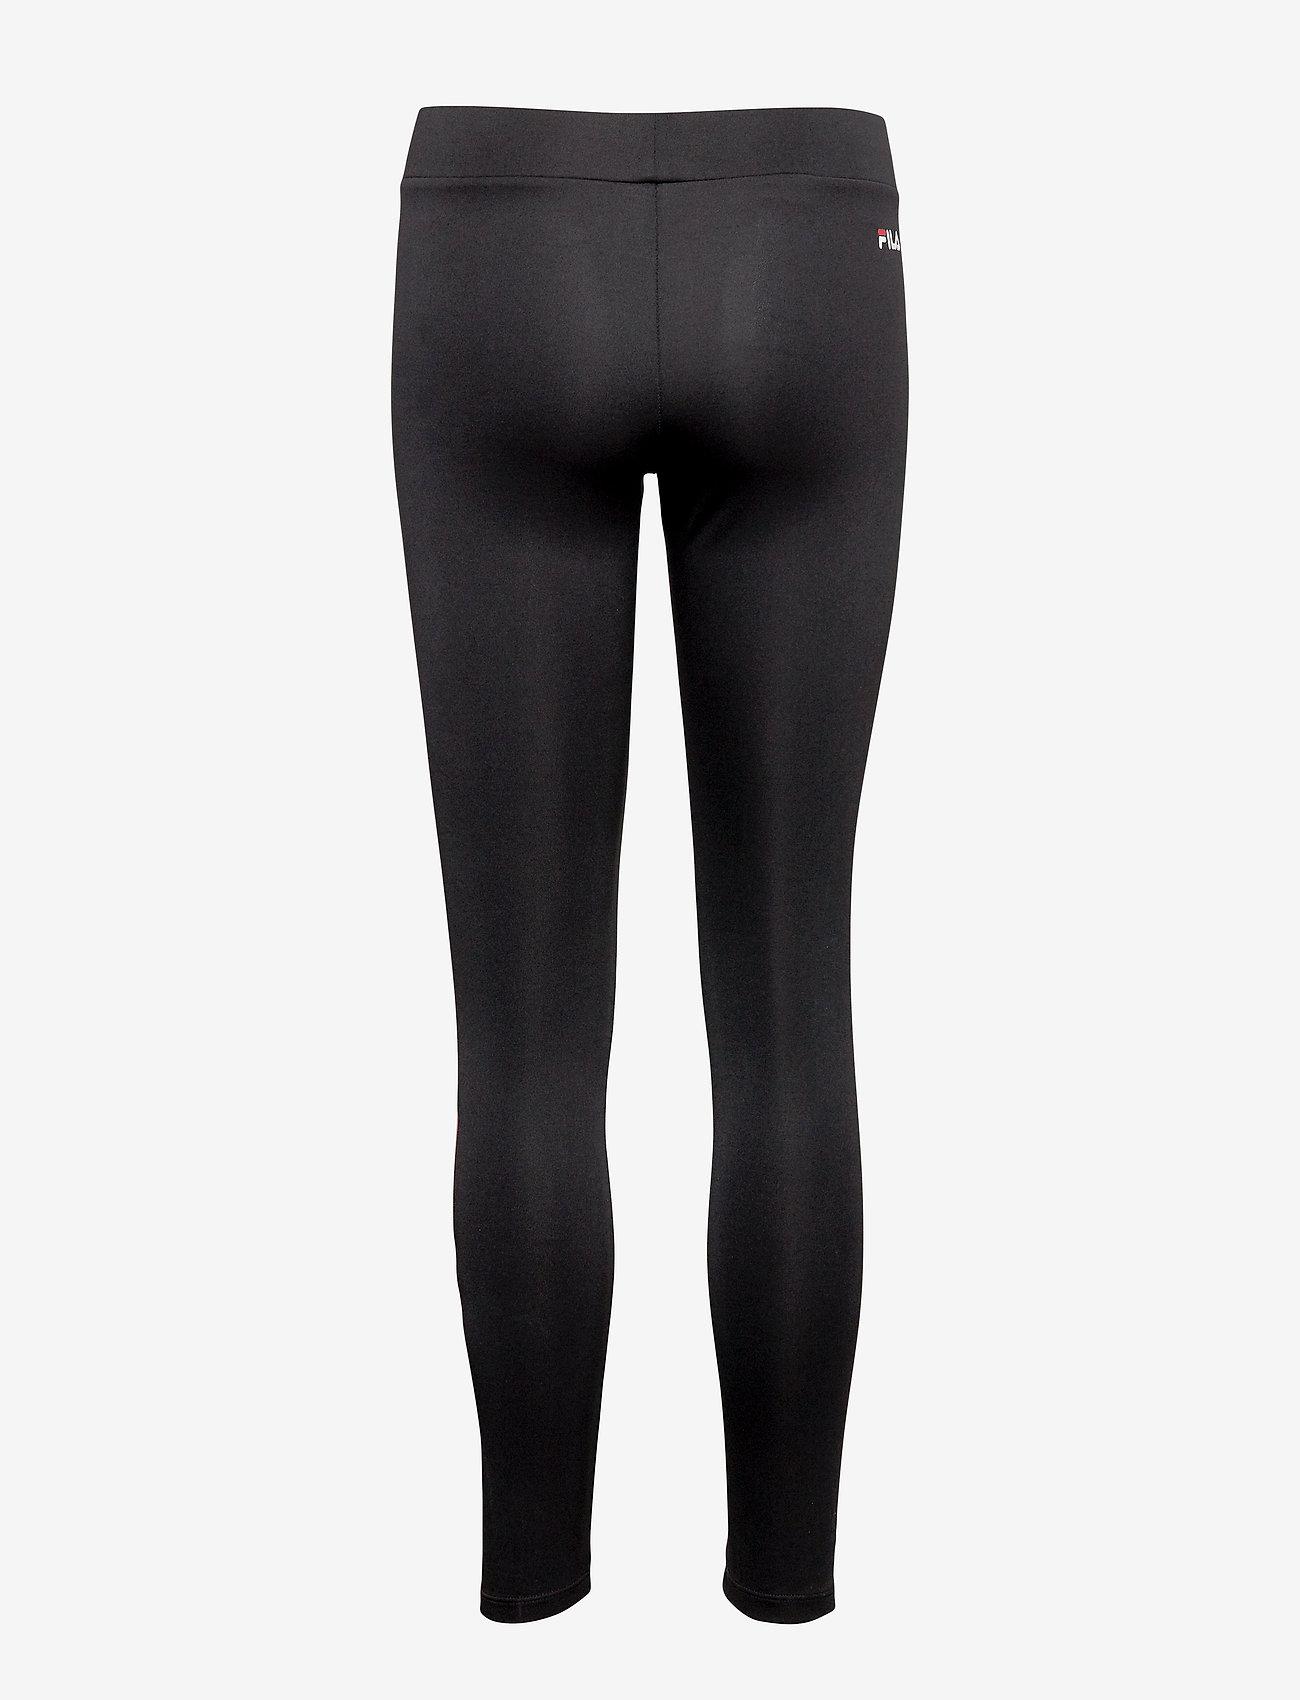 FILA - WOMEN FLEX 2.0 leggings - leggings - black - 1